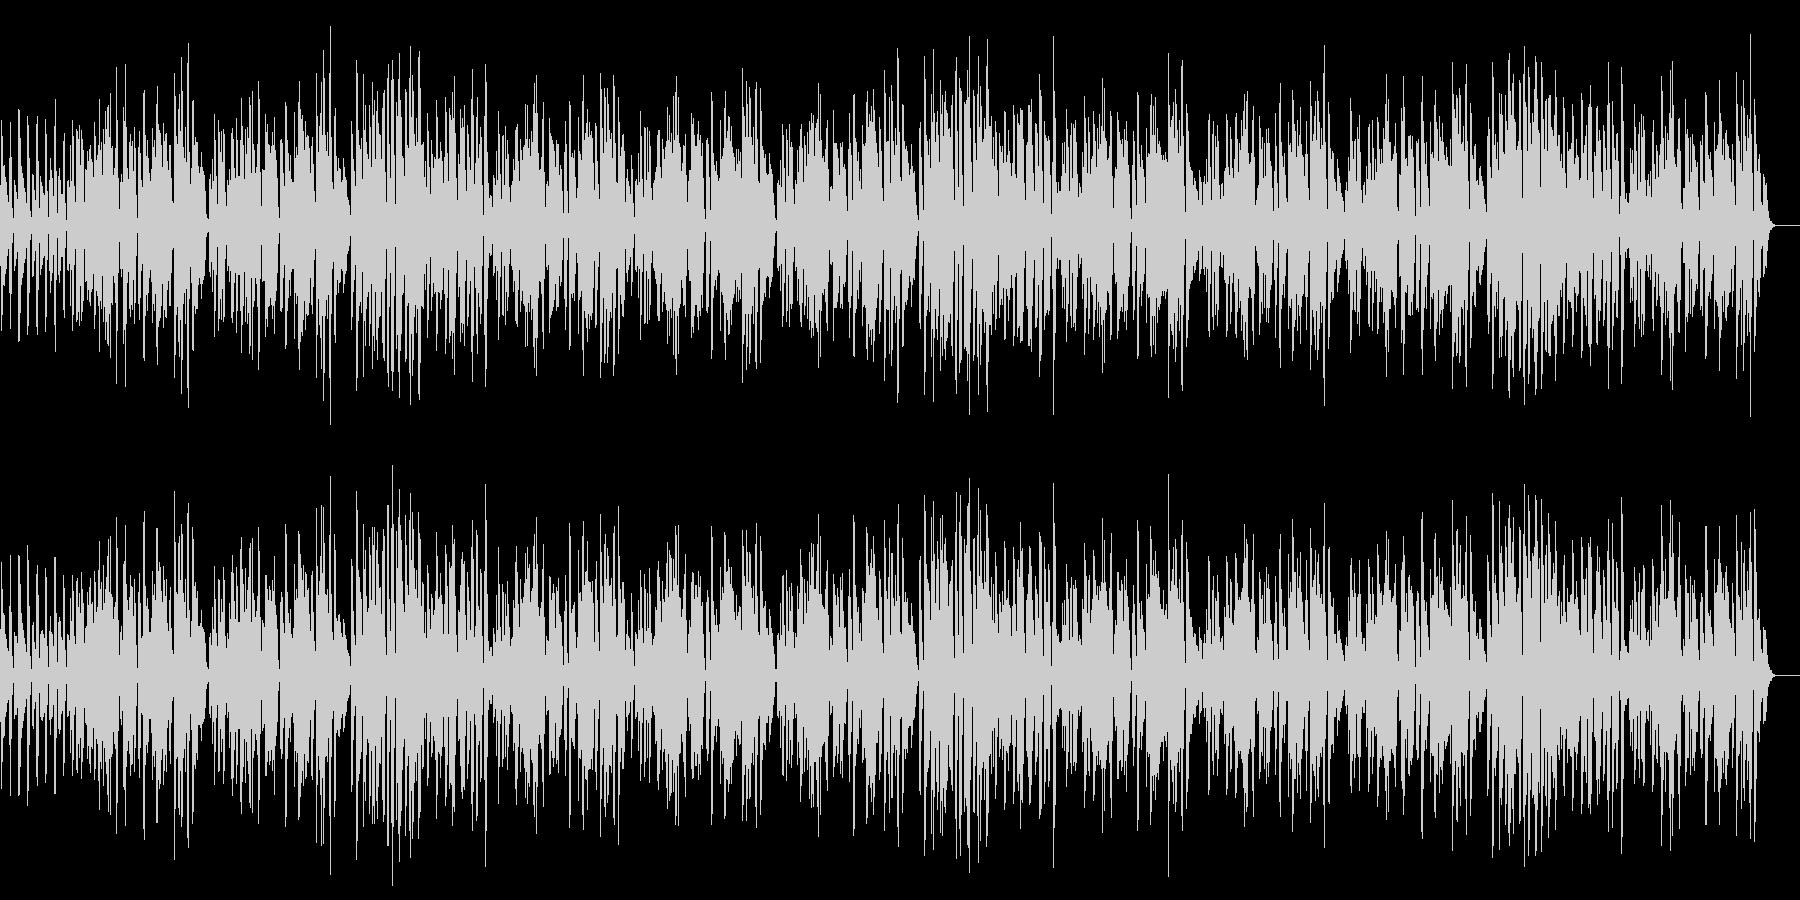 ラグタイム/Honky Tonkの未再生の波形